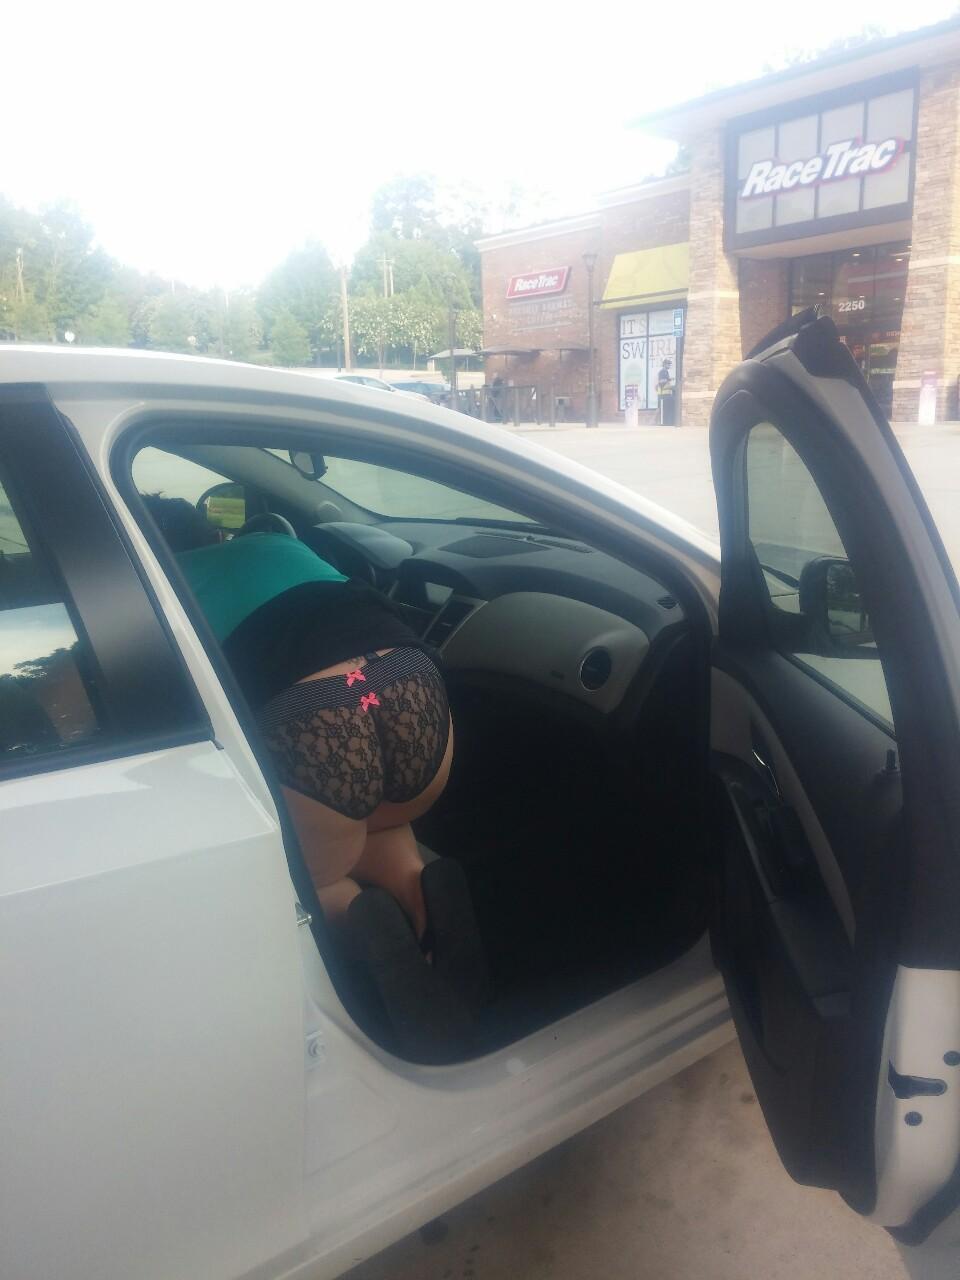 【パンチラエロ画像】乗降姿は要チェック!車にまつわる美女のパンチラもといパンモロ(*´Д`)